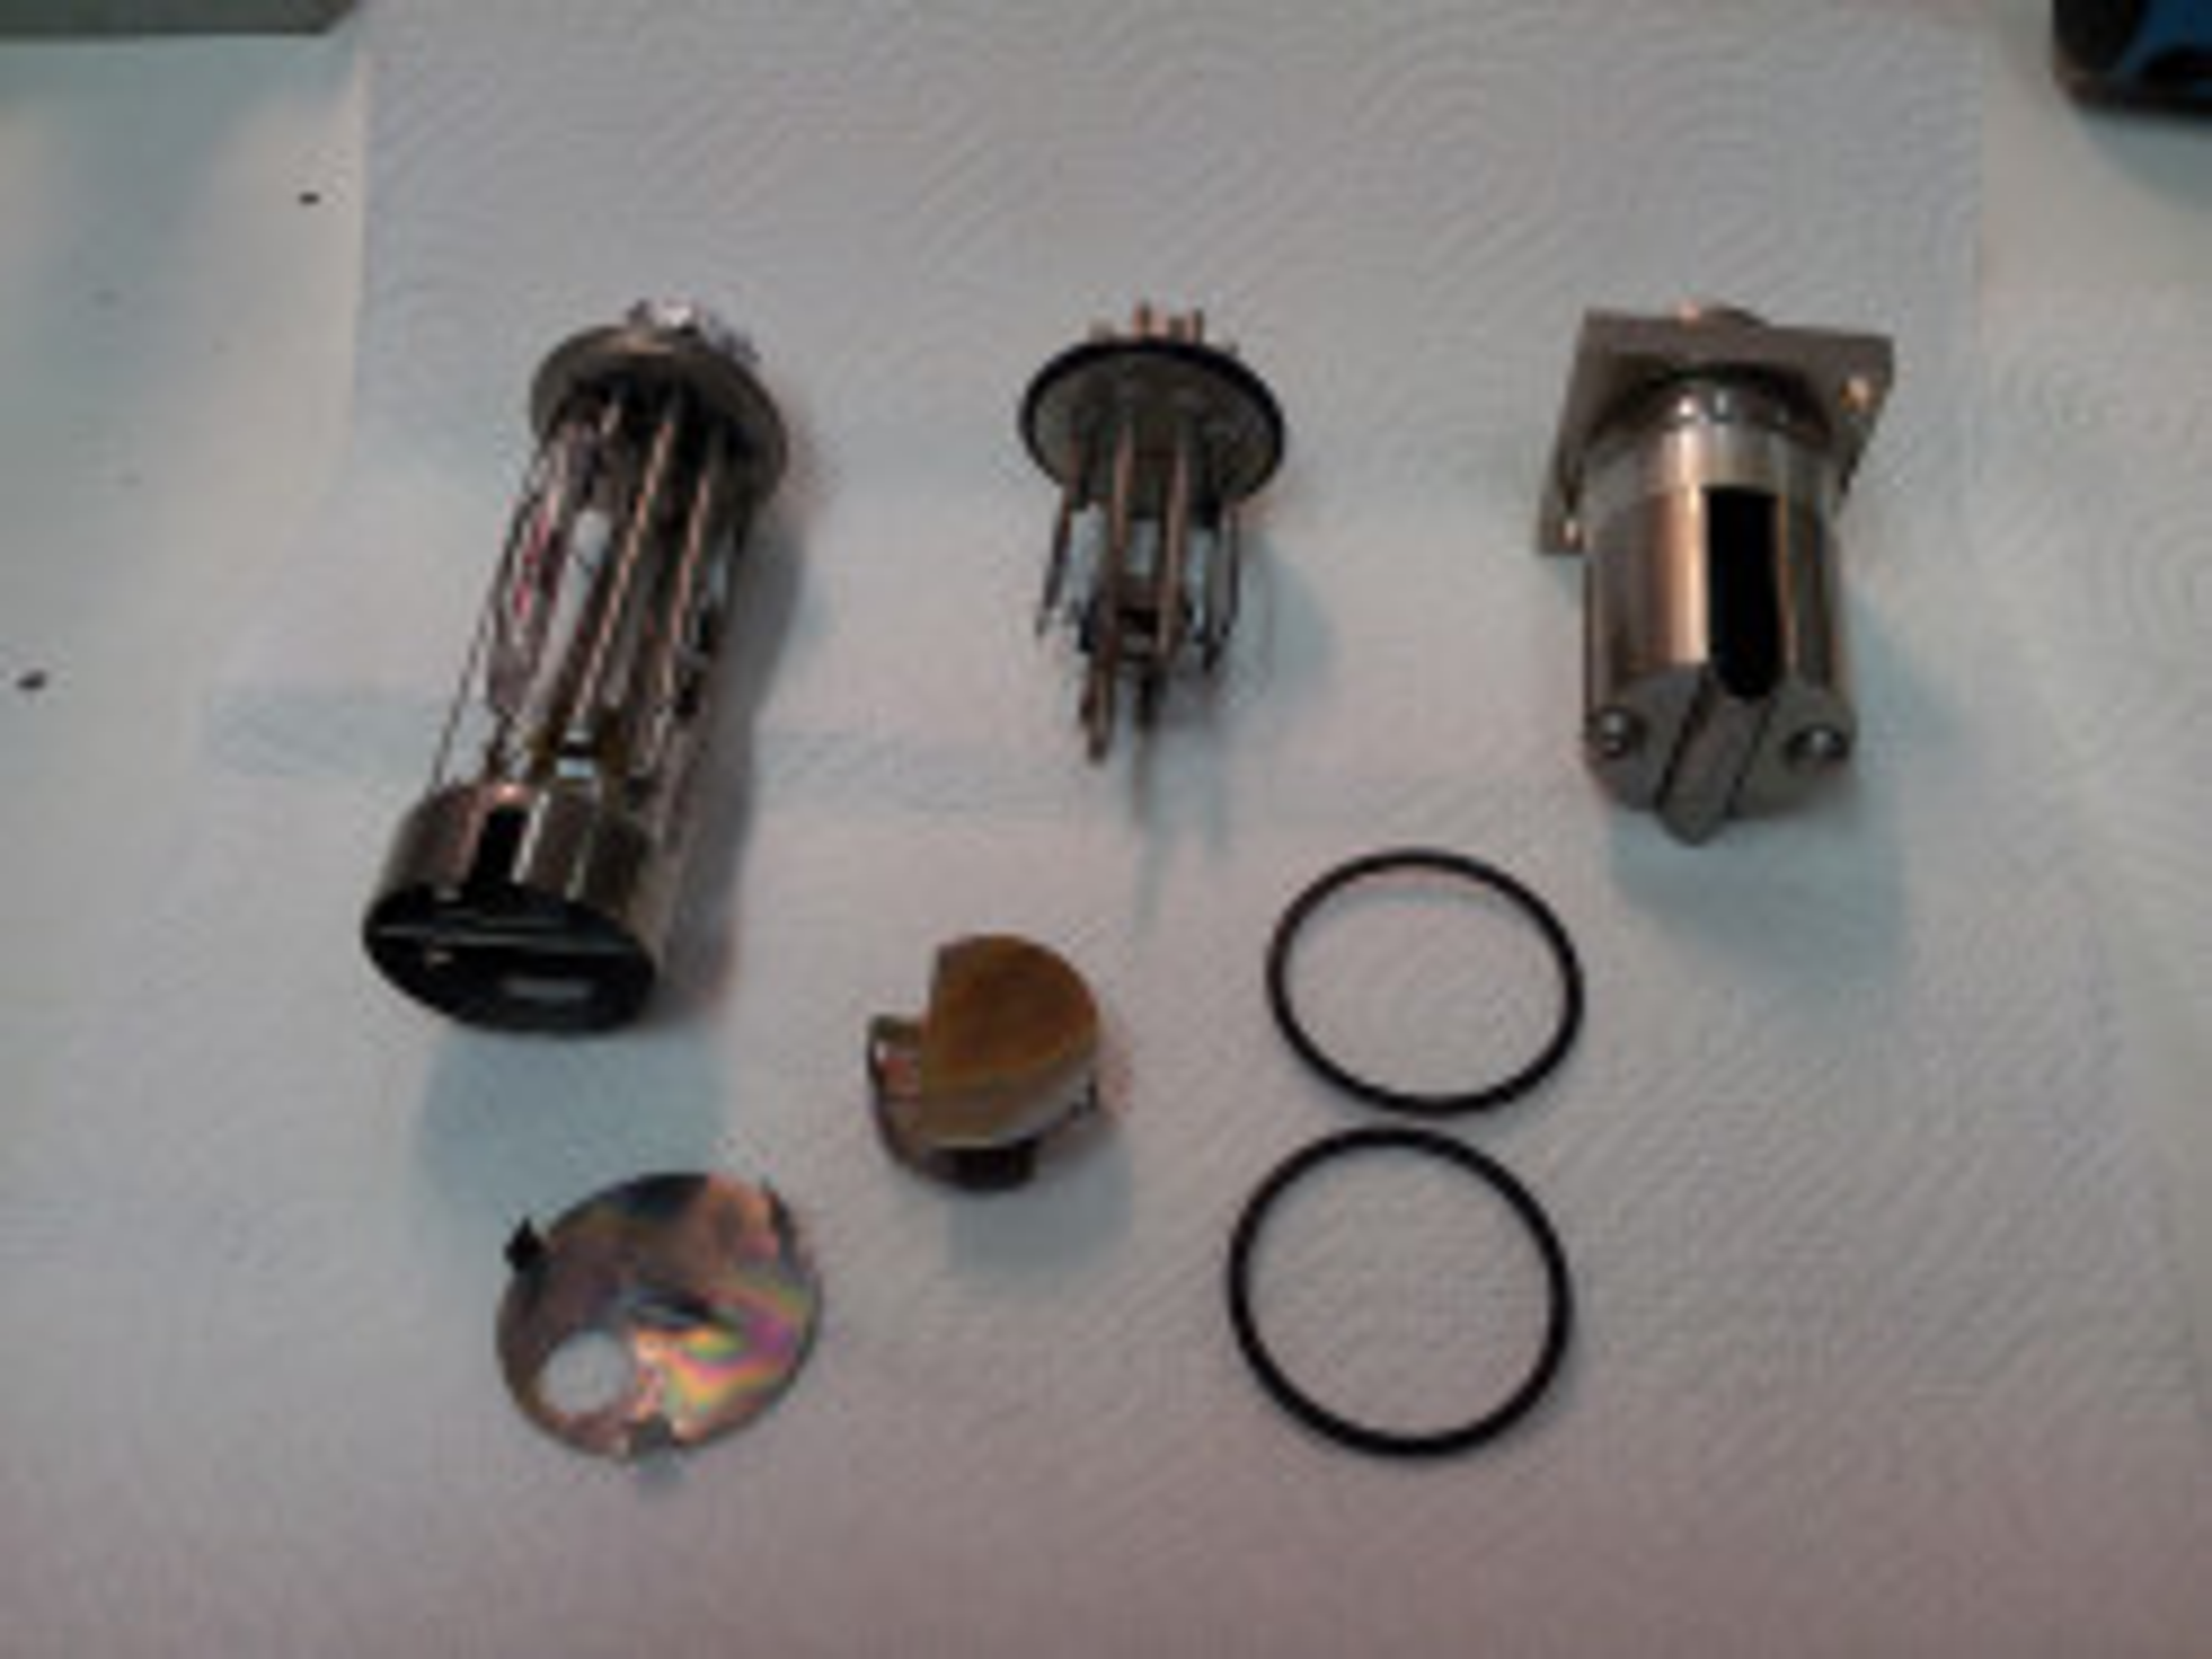 Veškeré komponenty spolu s mezilehlou baflí a zemnícím páskem vloženým na dno šachty iontového zdroje.